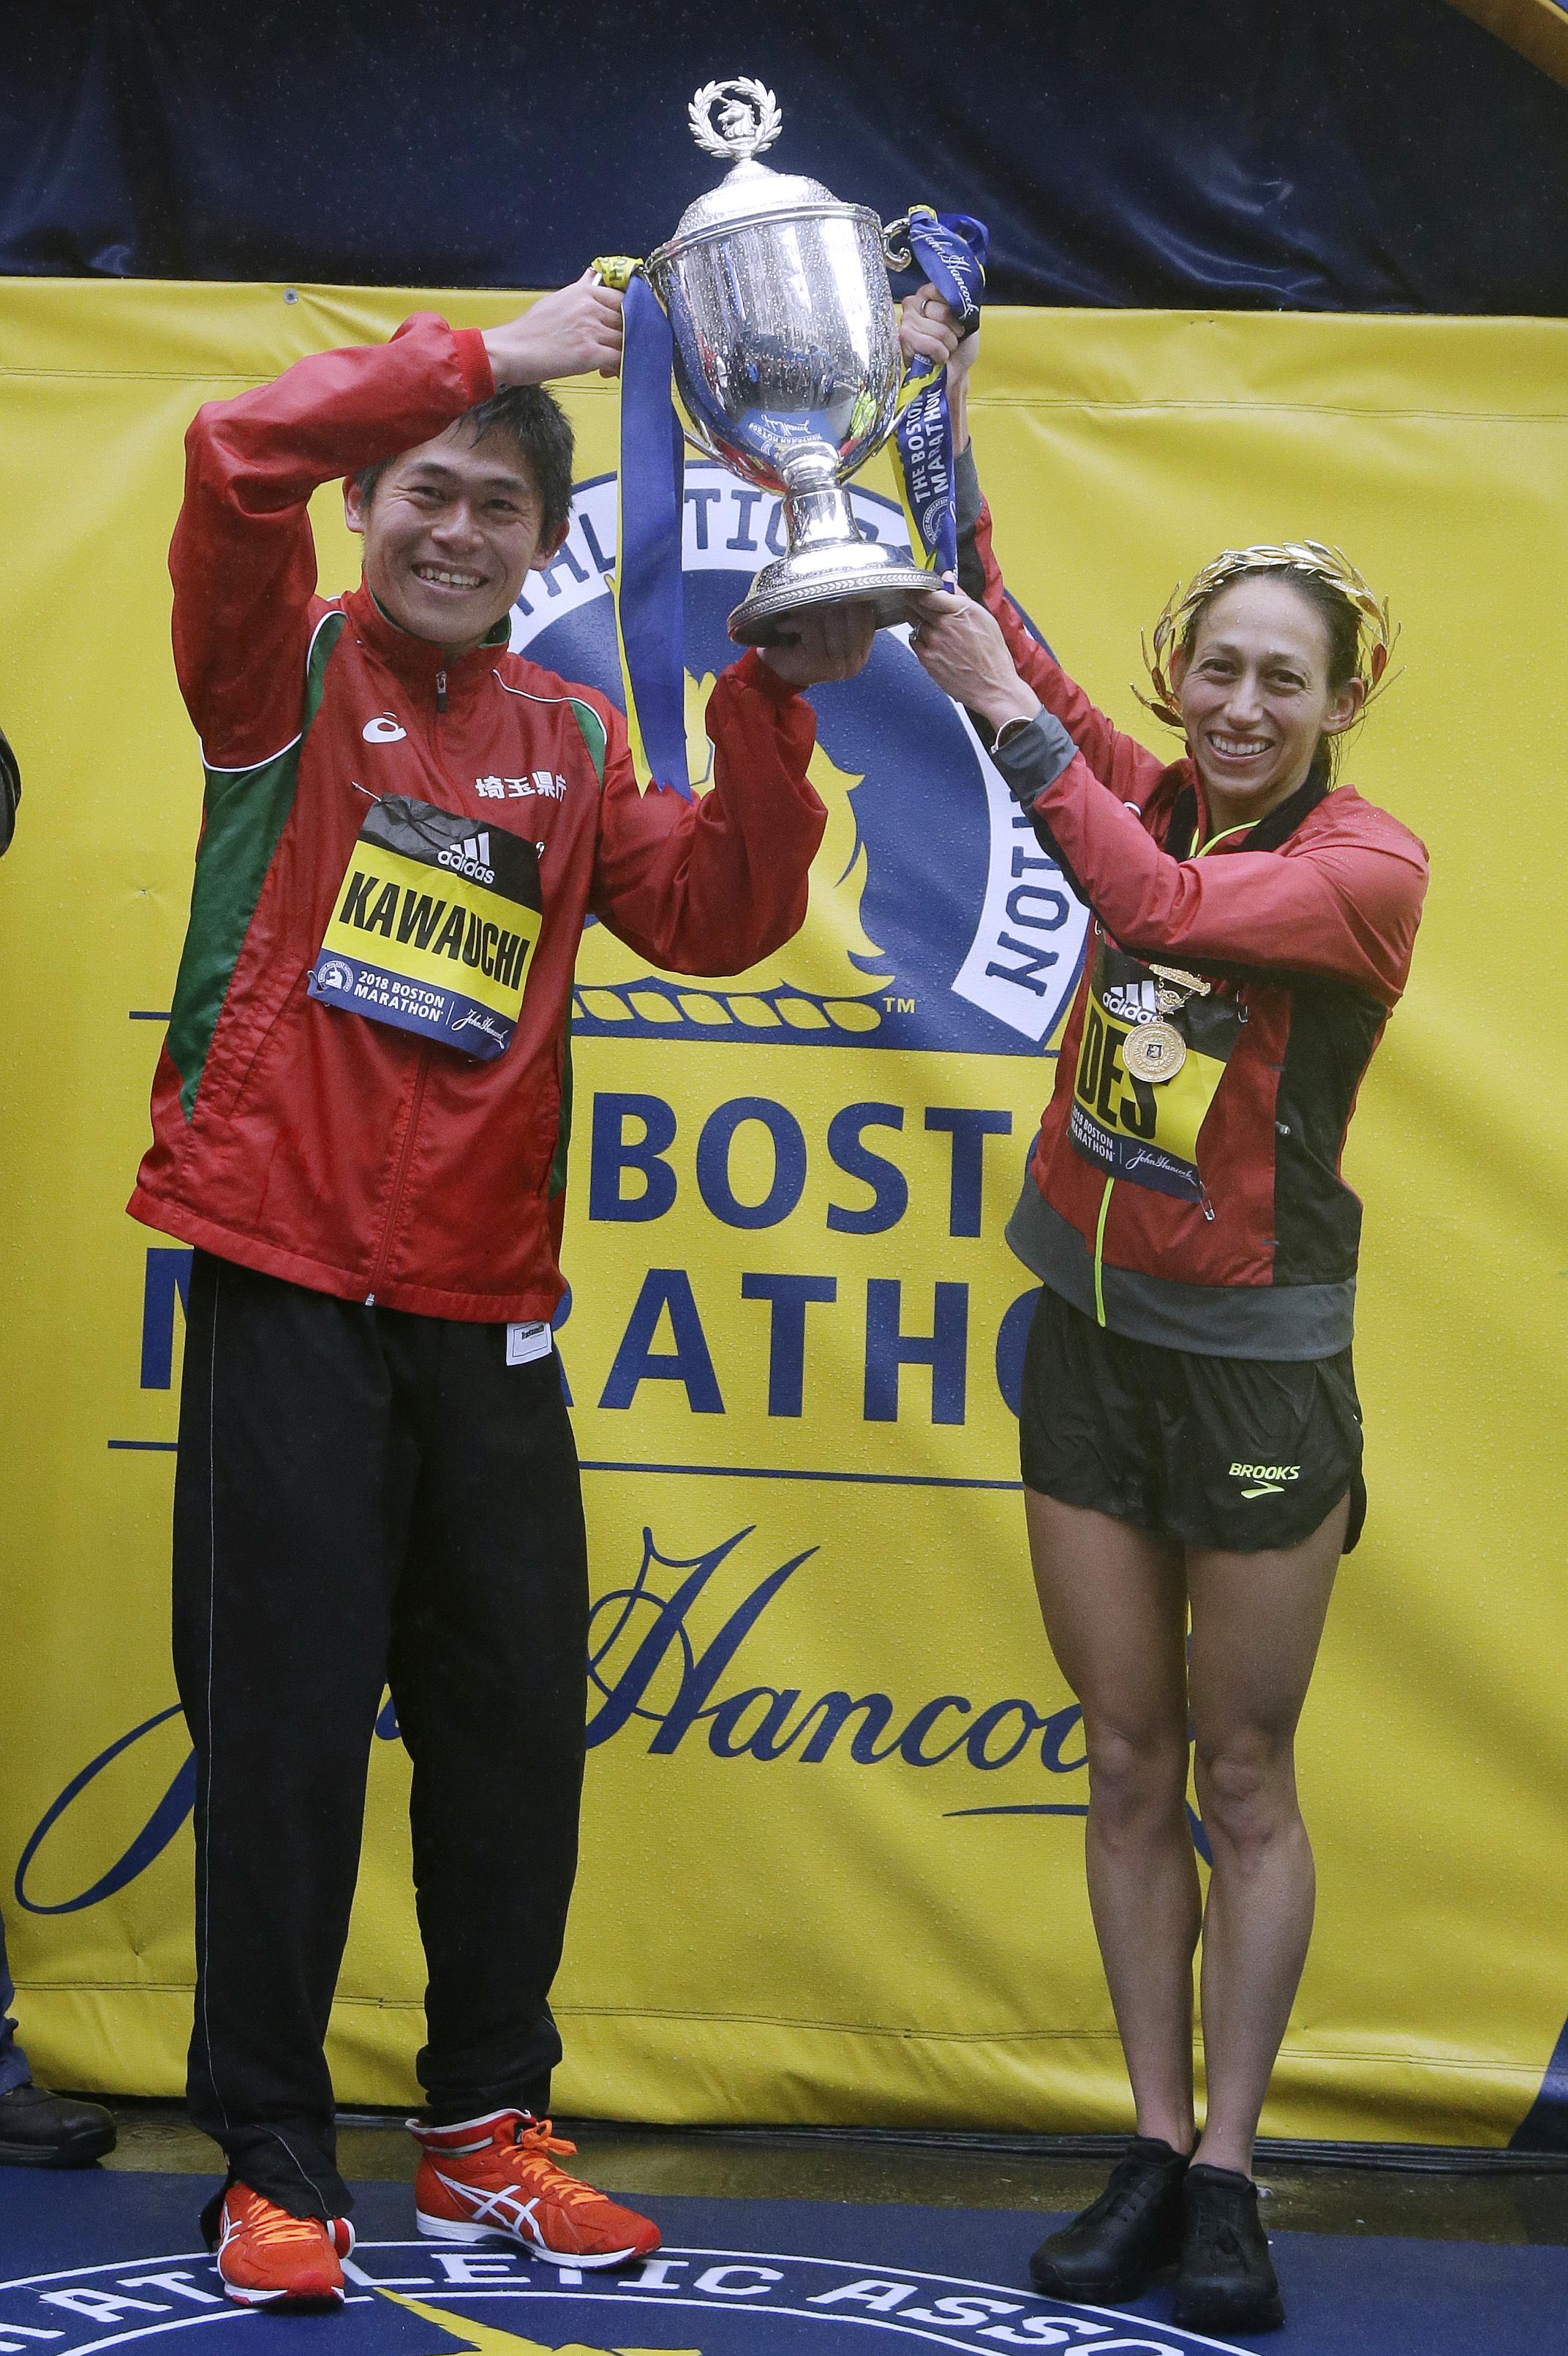 日本選手Yuki Kawauchi (左)及來自密西根州(右)的狄西莉•林登分獲男女精英組冠軍。前者是日本自1987年至今首次摘冠,後者則是1985年後美國首位奪冠女子選手。(美聯社)